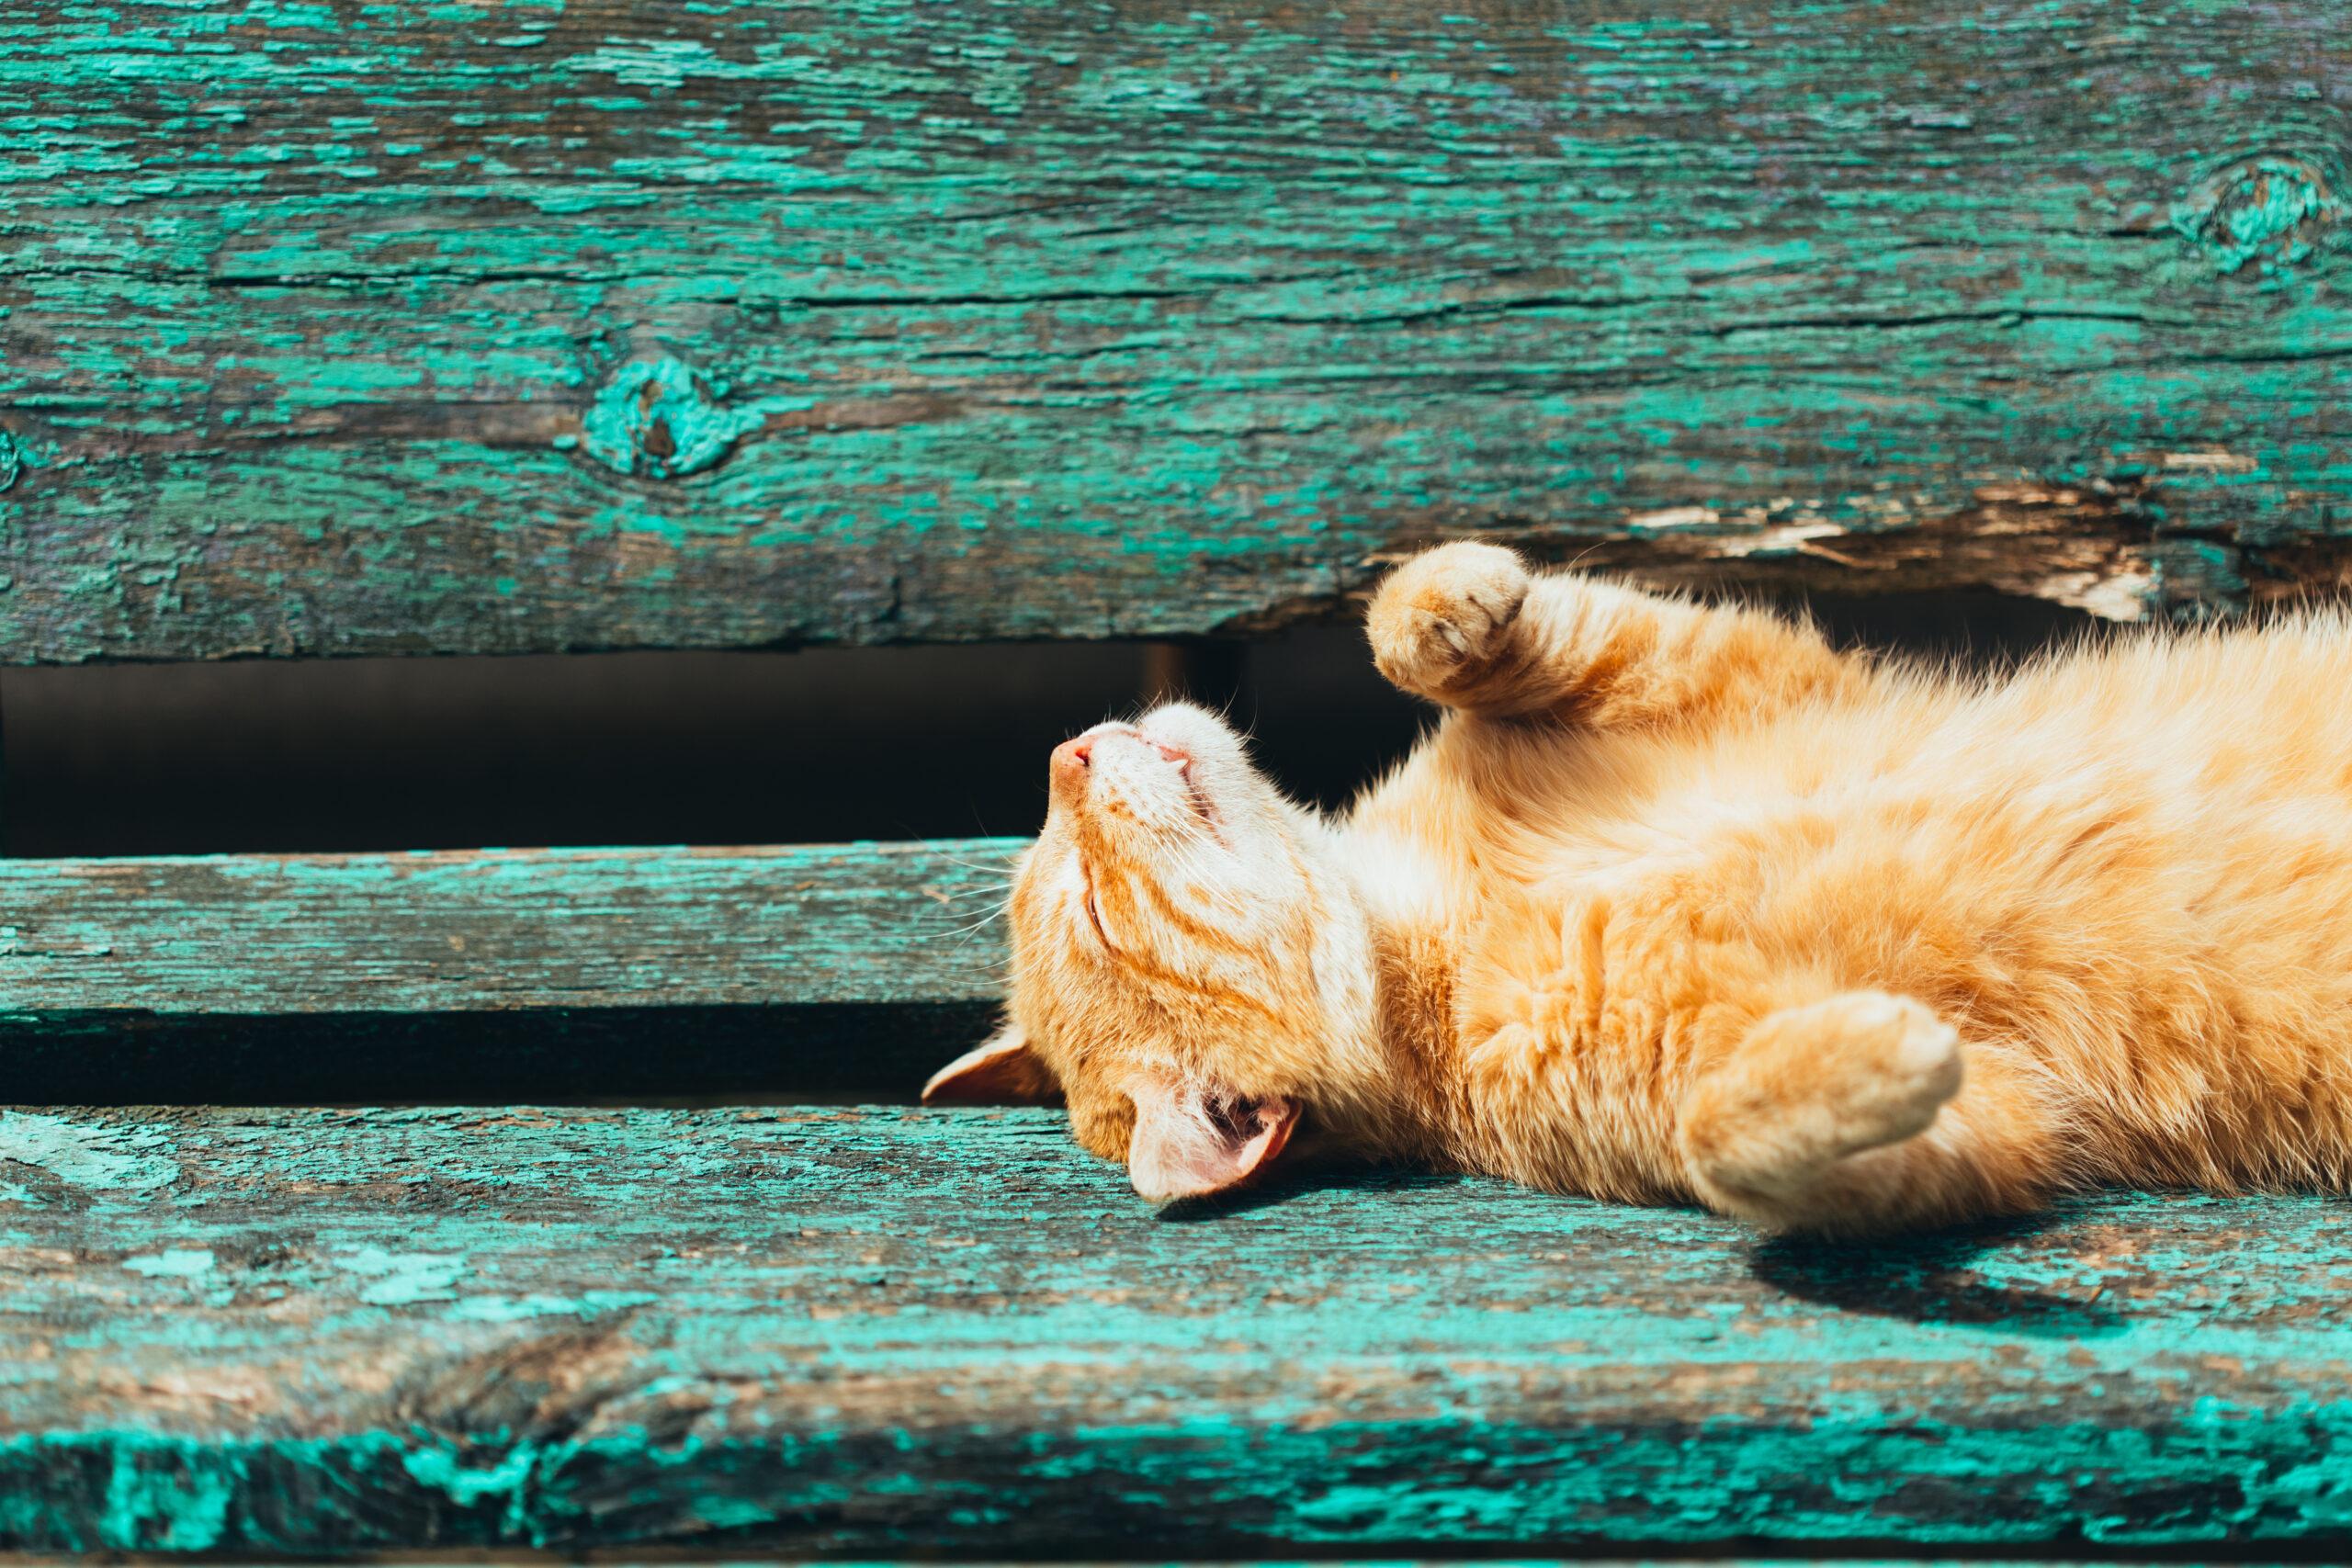 Frühlingssonne: Ein Katze liegt auf einer Bank und reckt sich in die Sonne